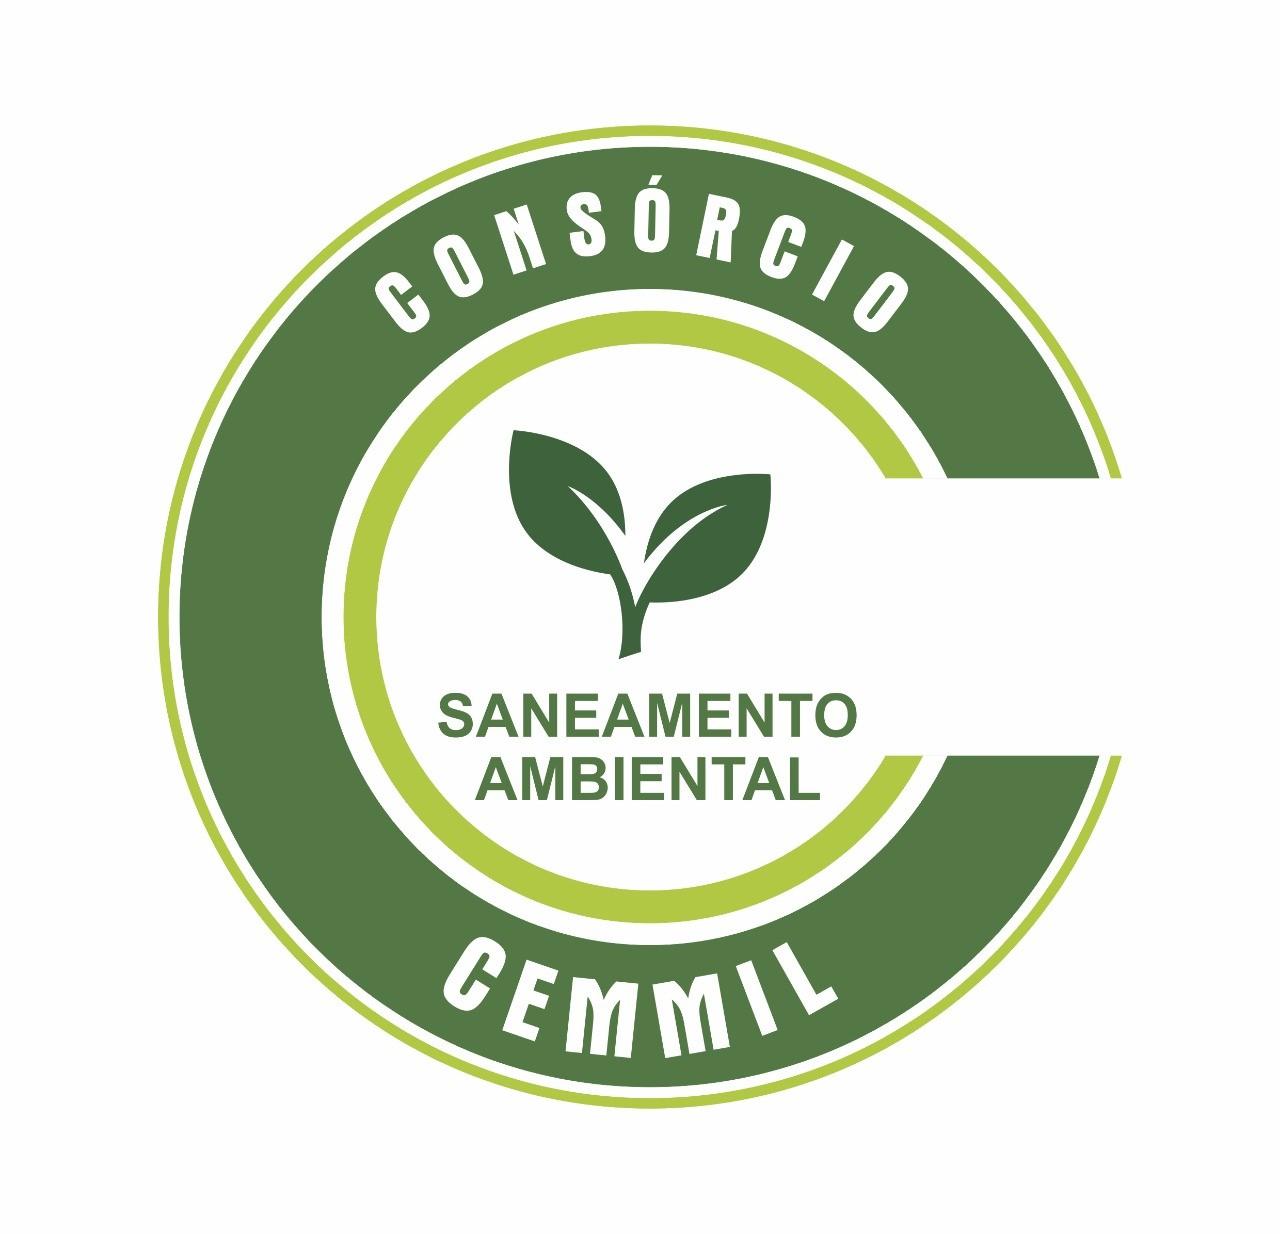 CONSÓRCIO INTERMUNICIPAL CEMMIL – SANEAMENTO AMBIENTAL